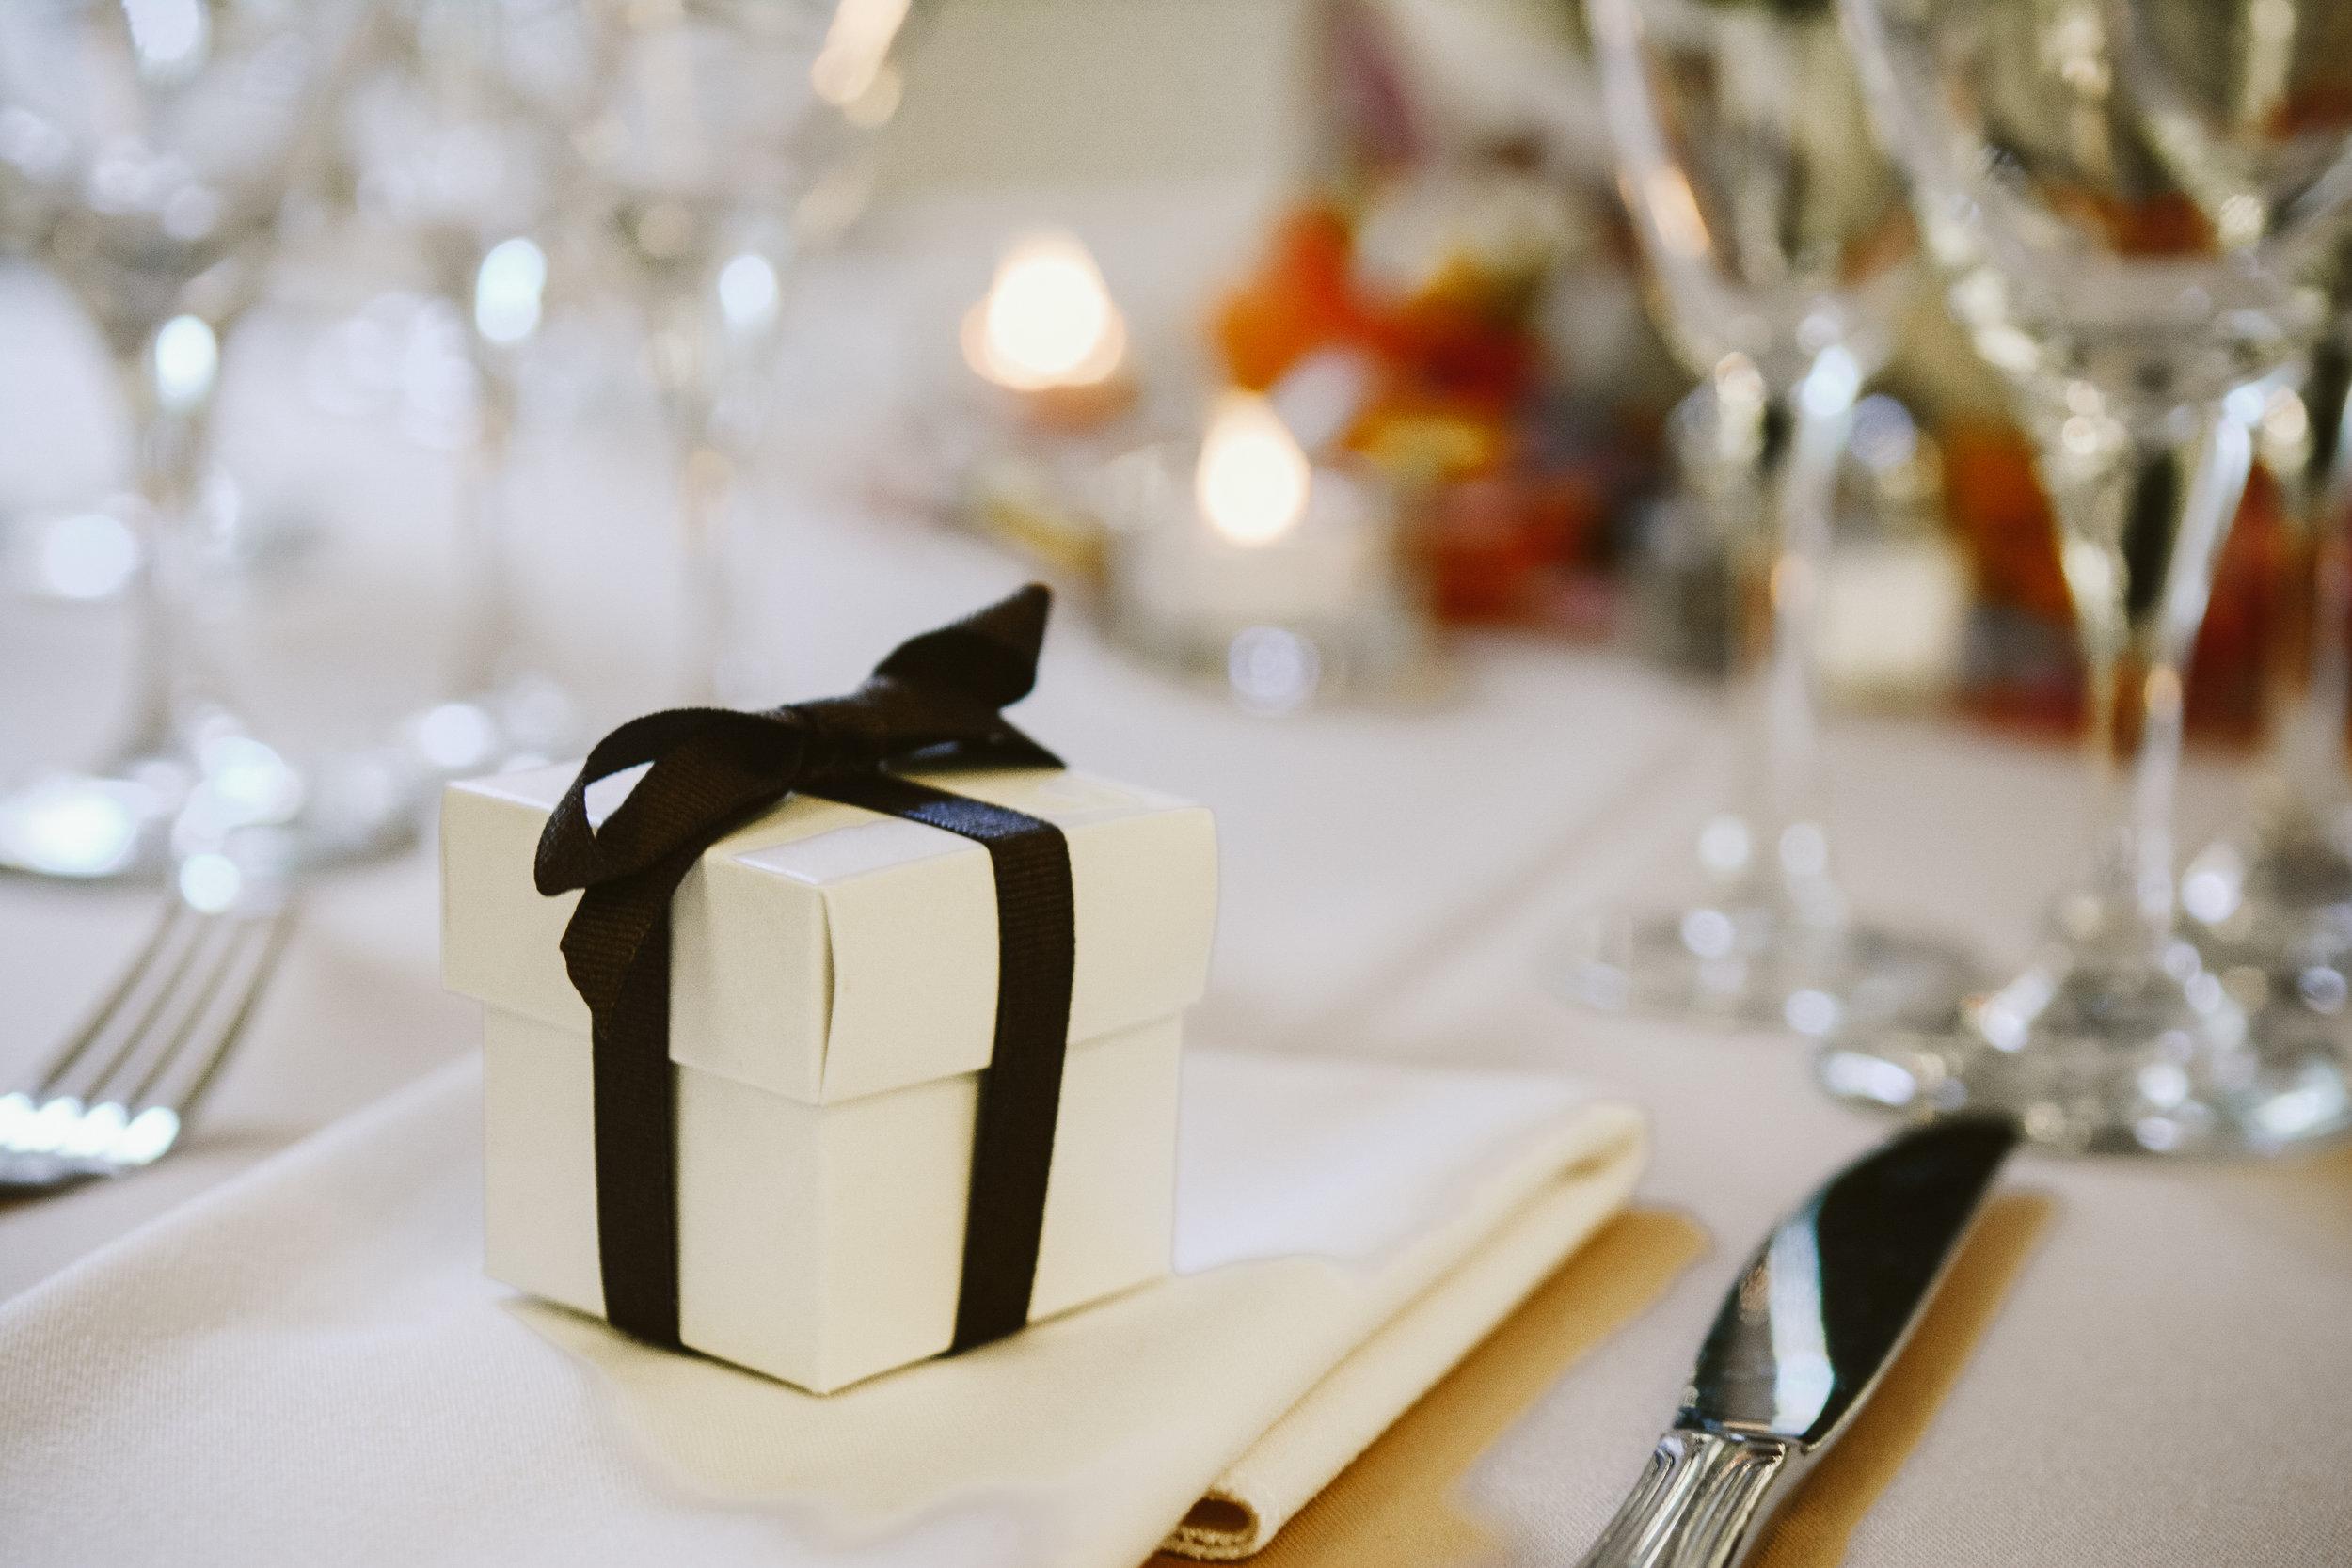 adrienne and greg's wedding 2018 edits-36.jpg